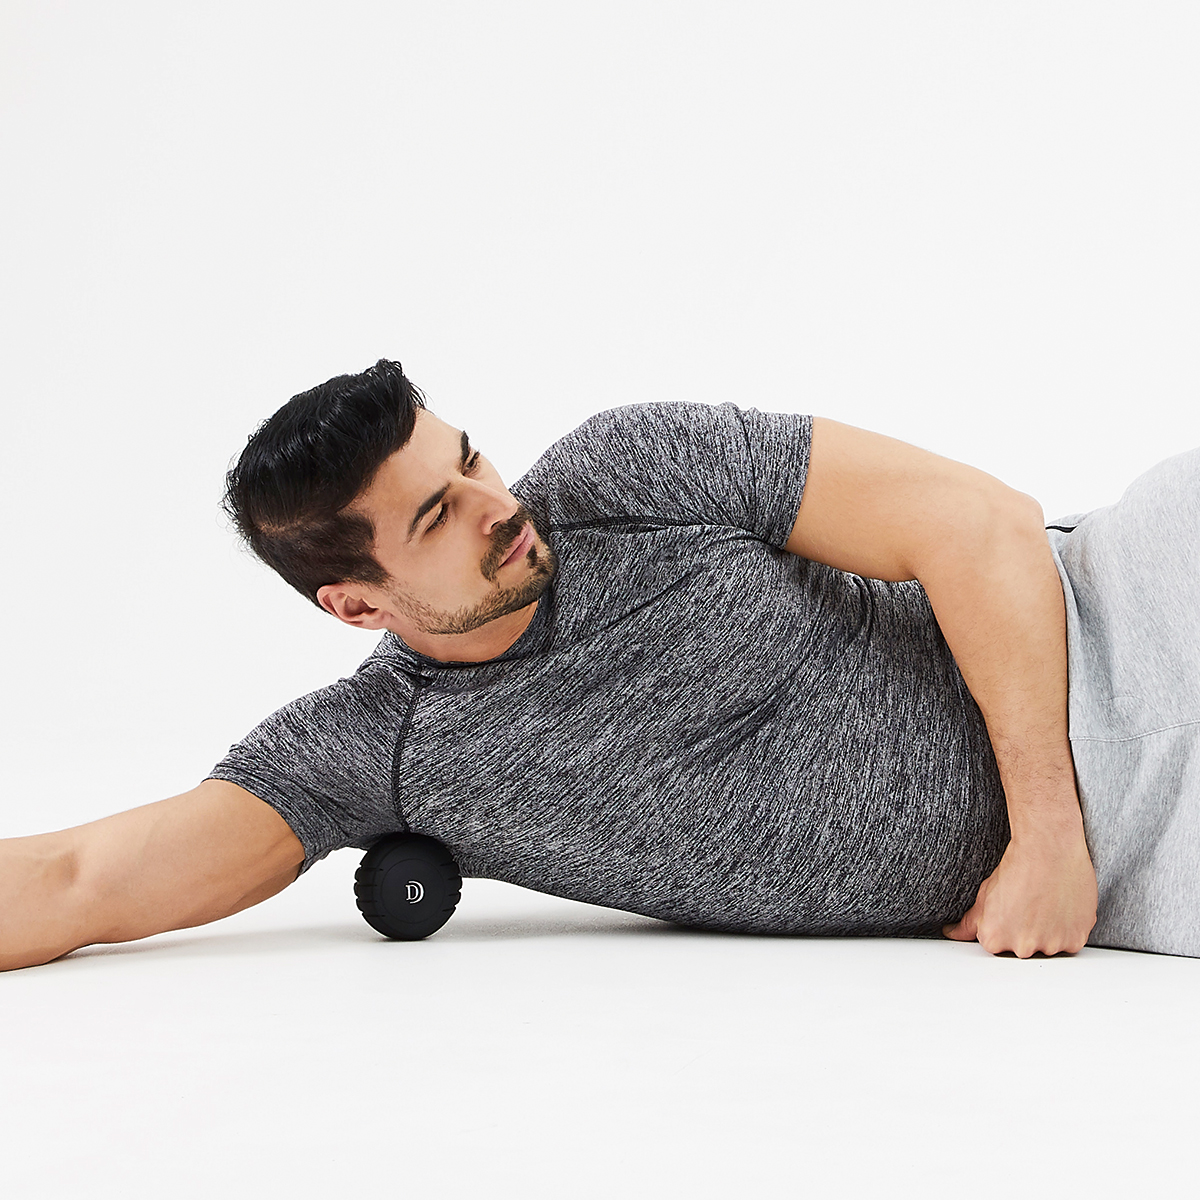 横向きに寝た状態で、脇の少し後ろにアプローチ。ストレッチボール Dr.Air 3Dコンディショニングボール